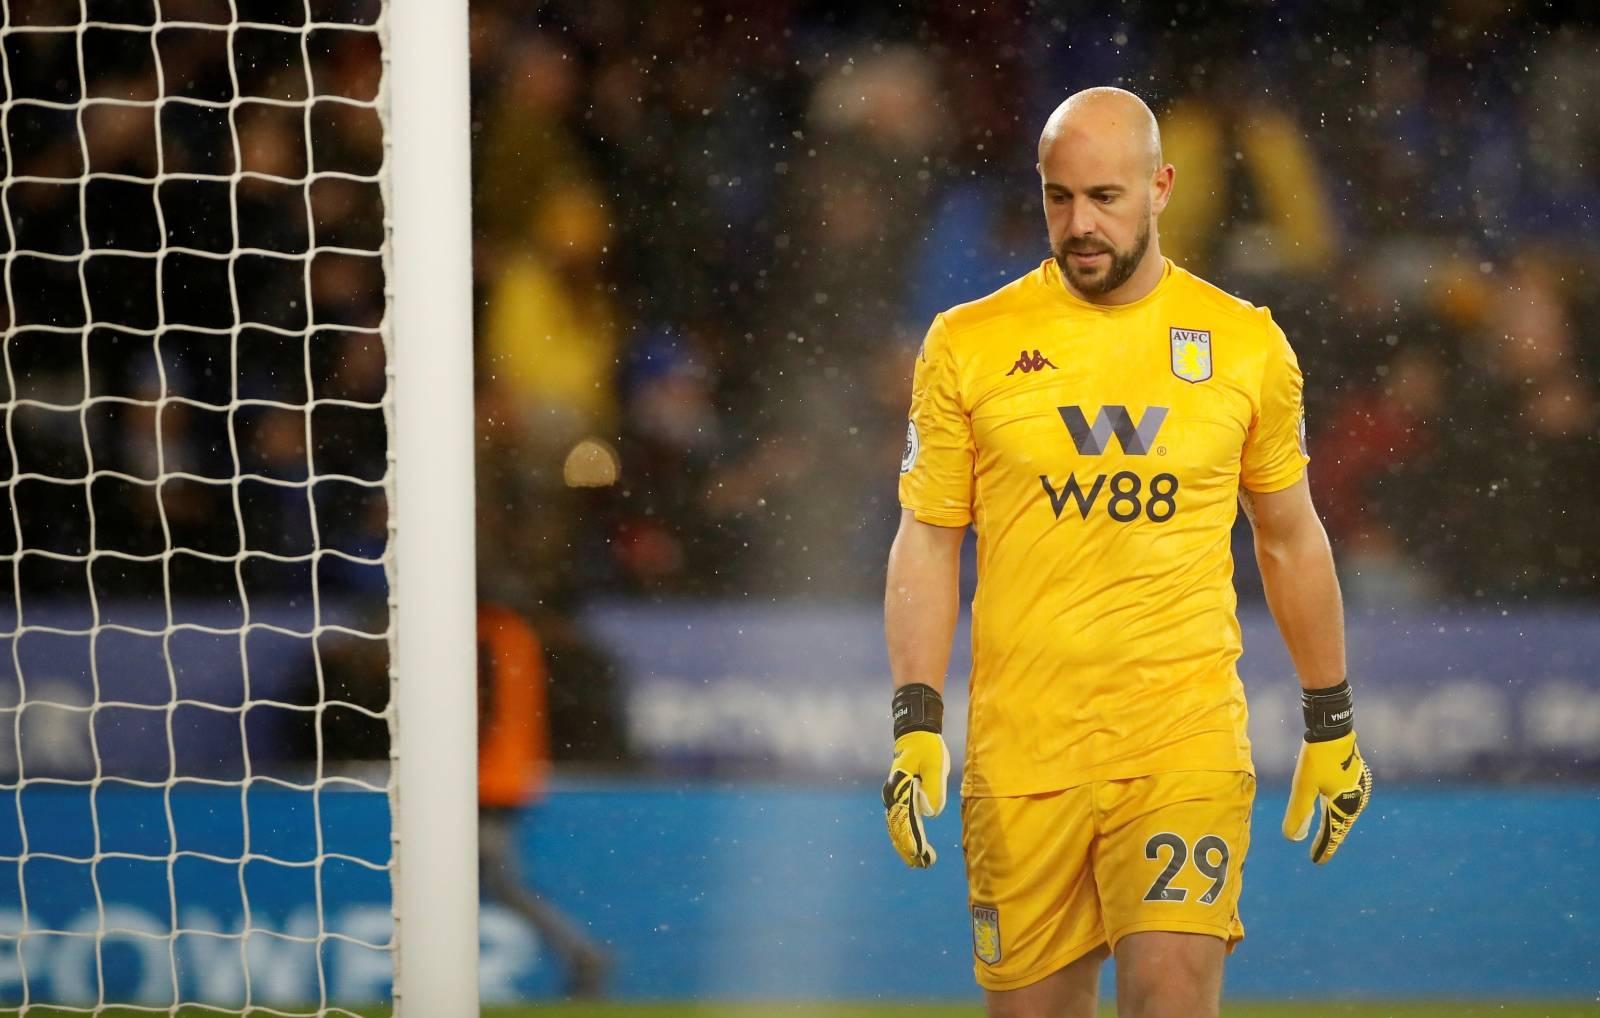 Premier League - Leicester City v Aston Villa